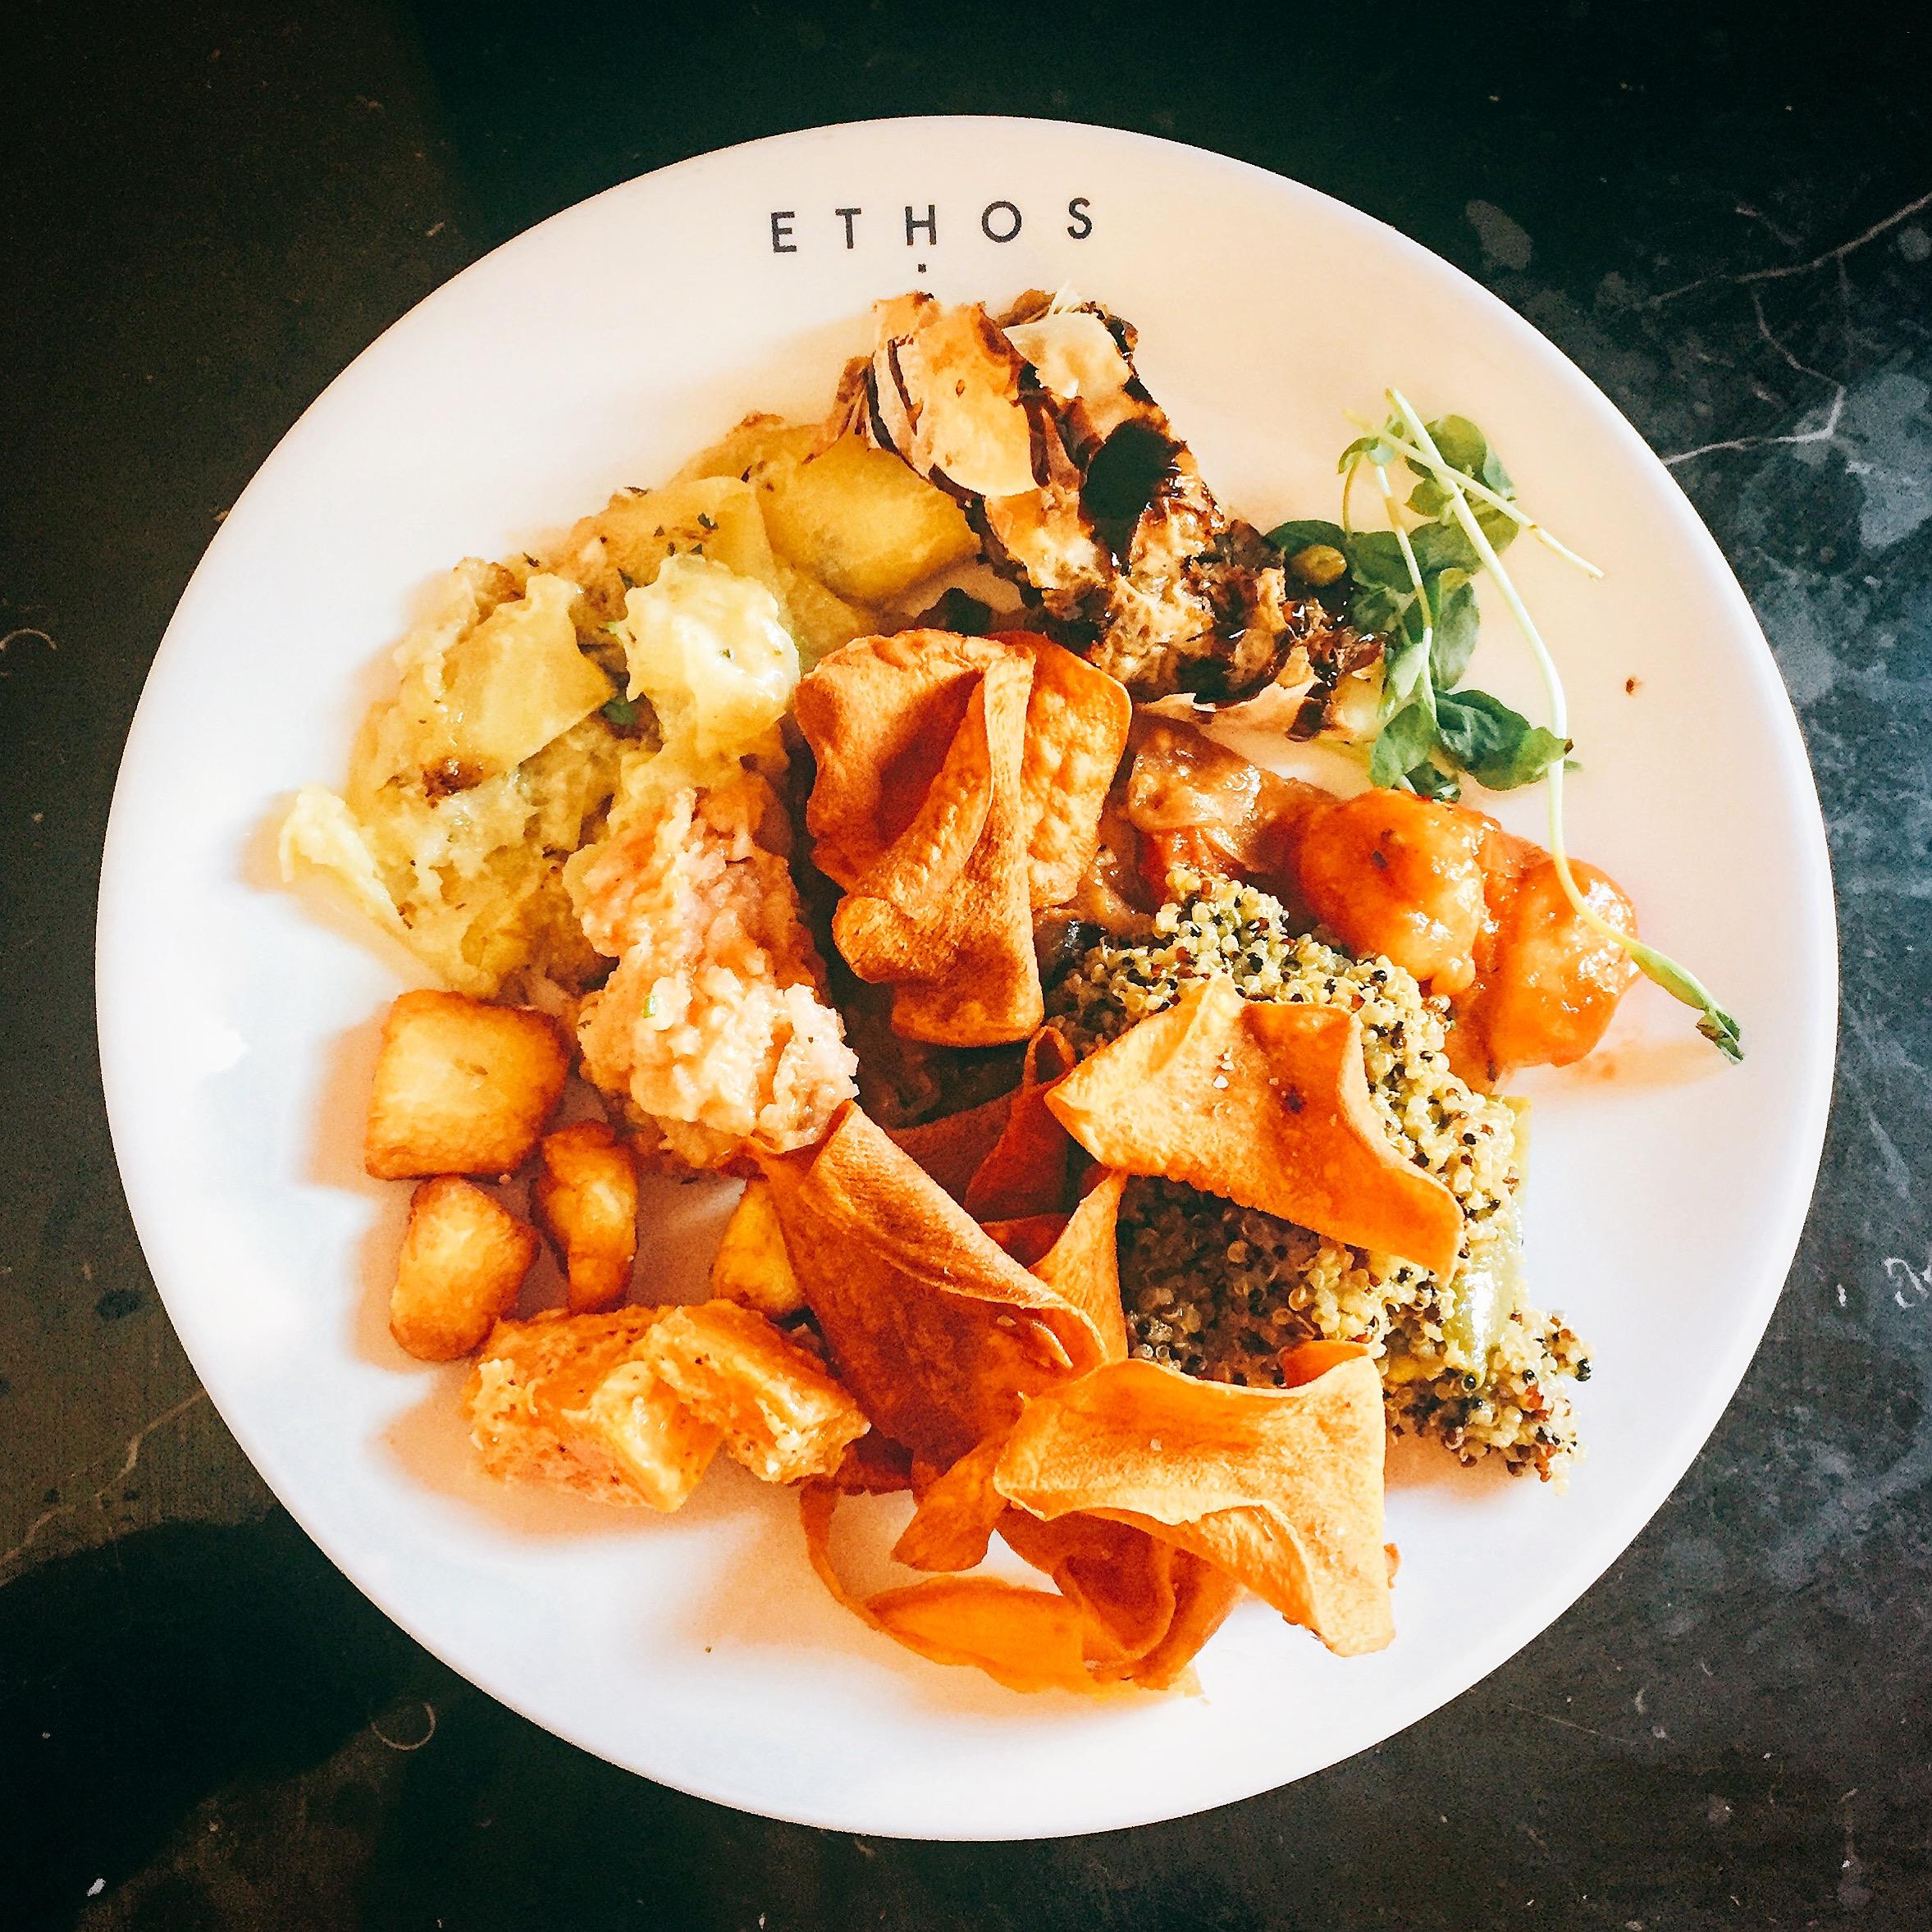 Ethos restaurant review - menu